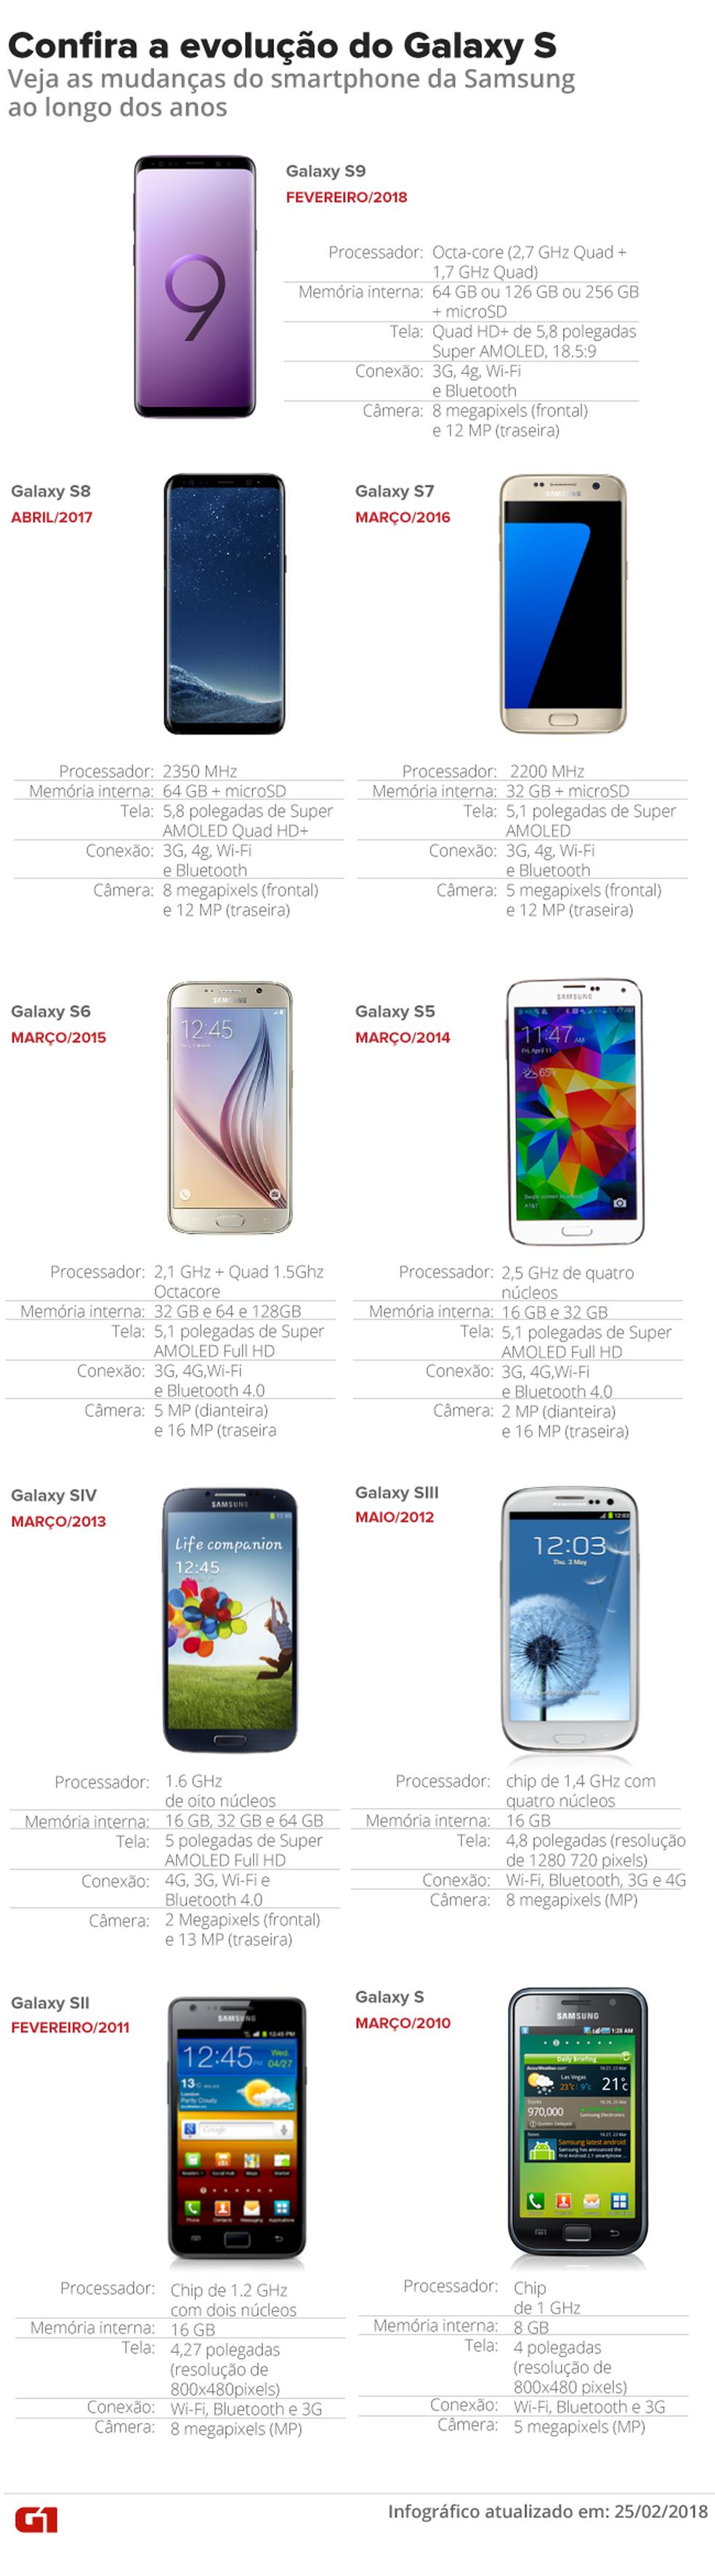 Veja a evolução do Samsung Galaxy S, até o S9 (Foto: Karina Almeida/Antônio Filho/G1)